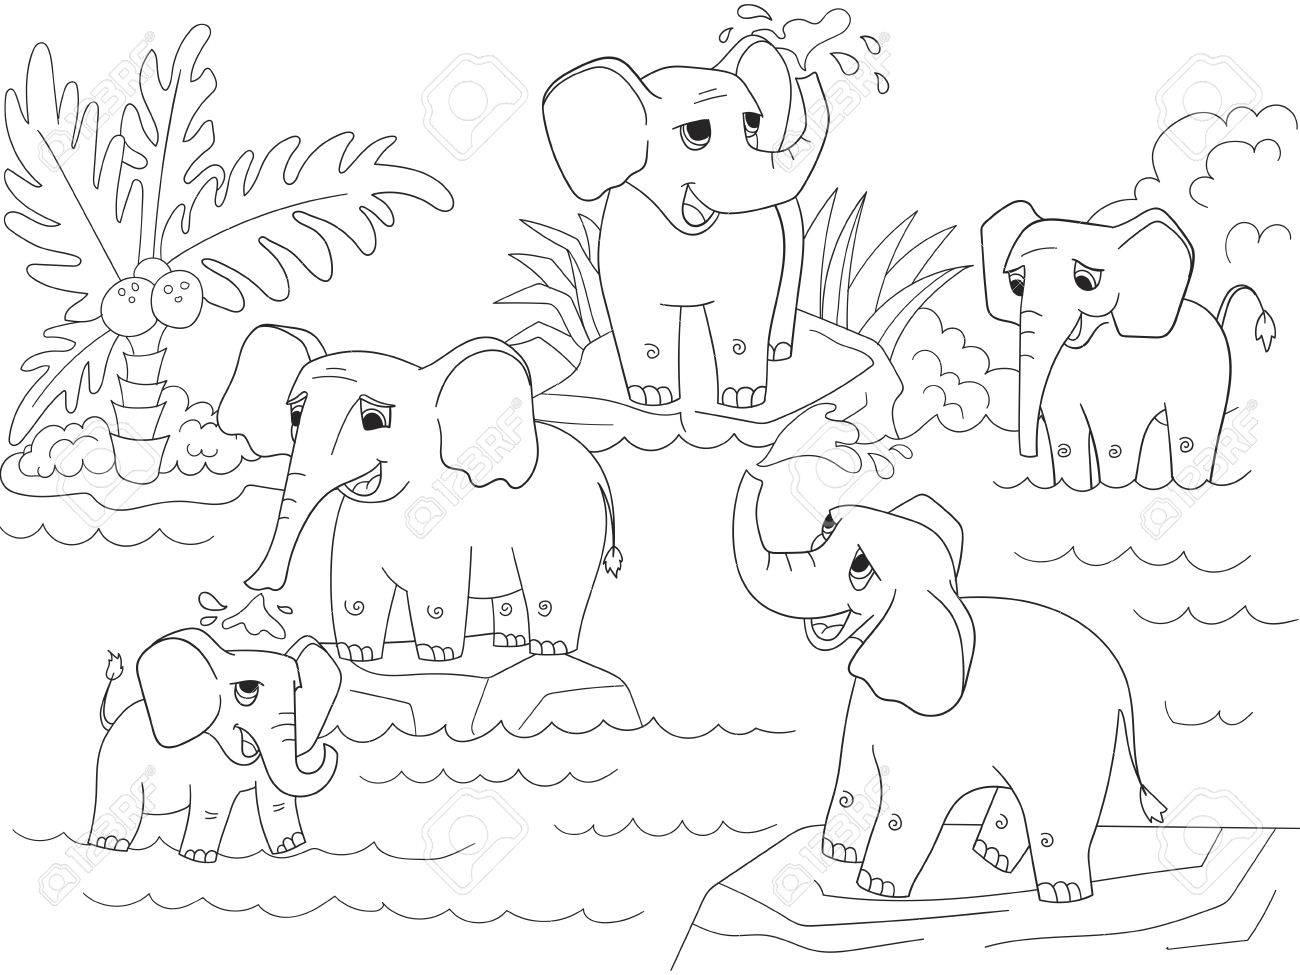 Famille D'éléphants D'afrique Pour Colorier Livre Pour Enfants Dessin Animé  Illustration Vectorielle concernant Dessin Africain A Colorier